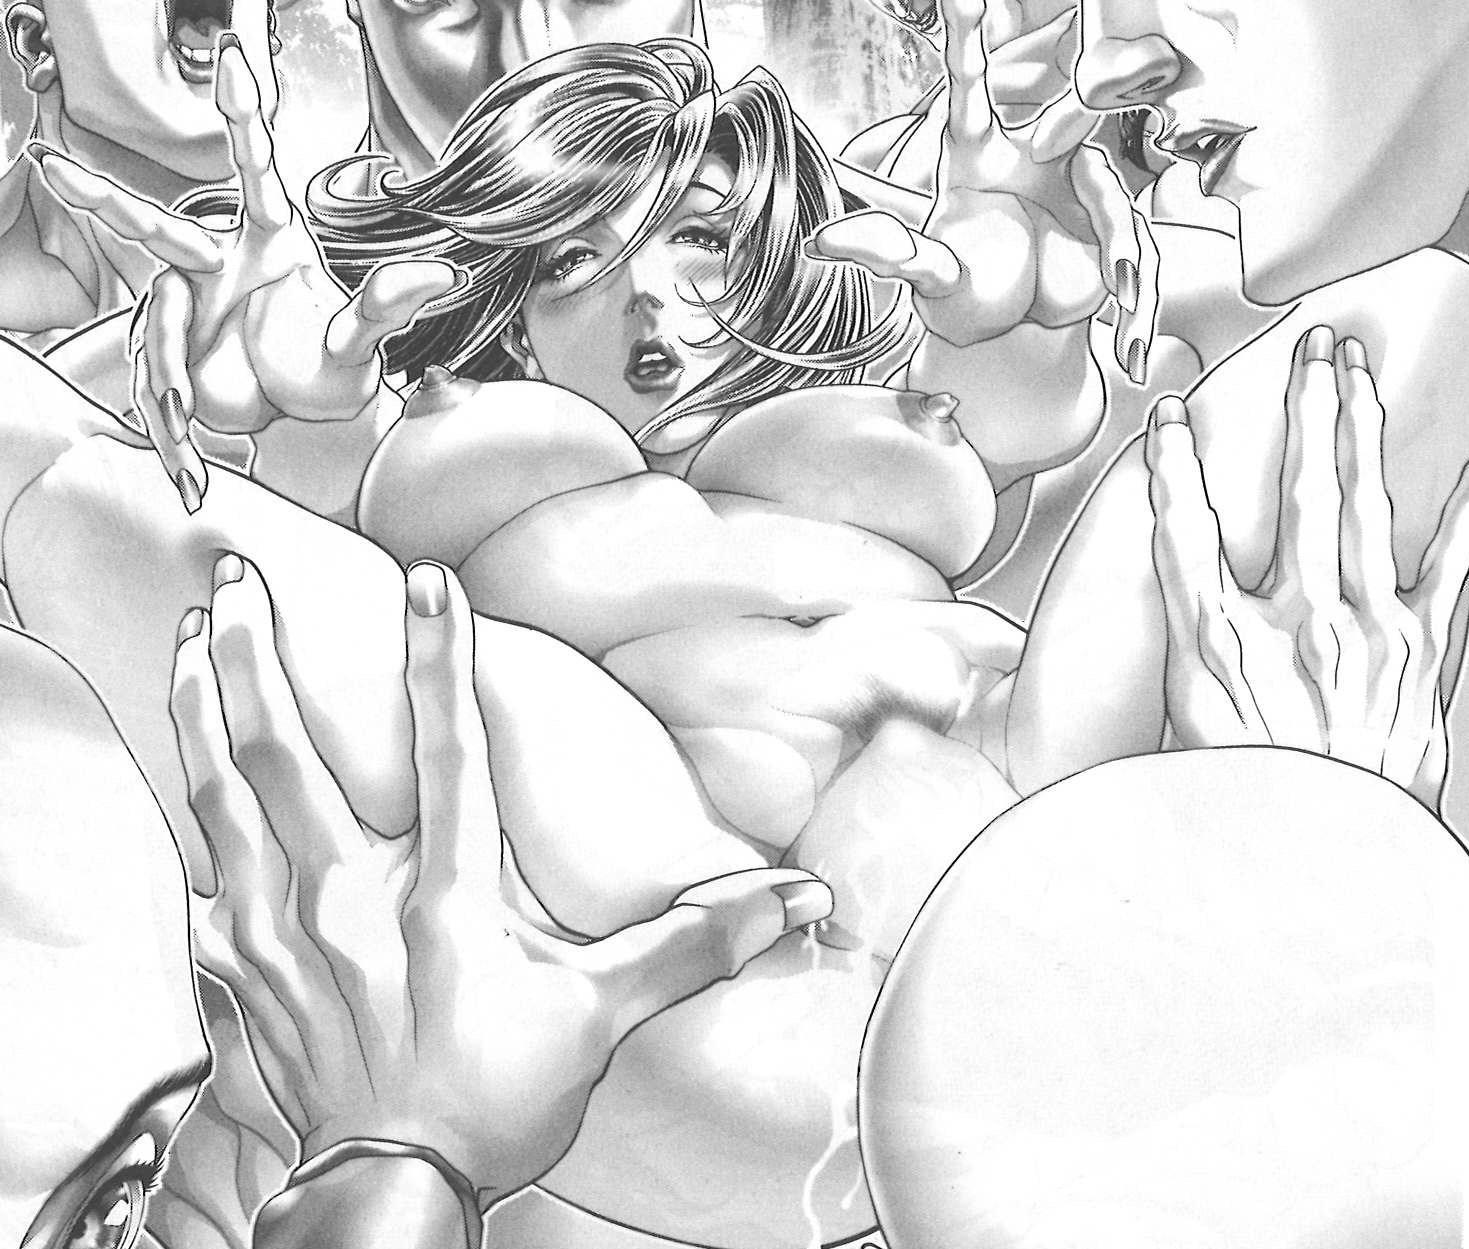 【非18禁】一般誌のエロ漫画スレ22 [無断転載禁止]©bbspink.com->画像>1723枚